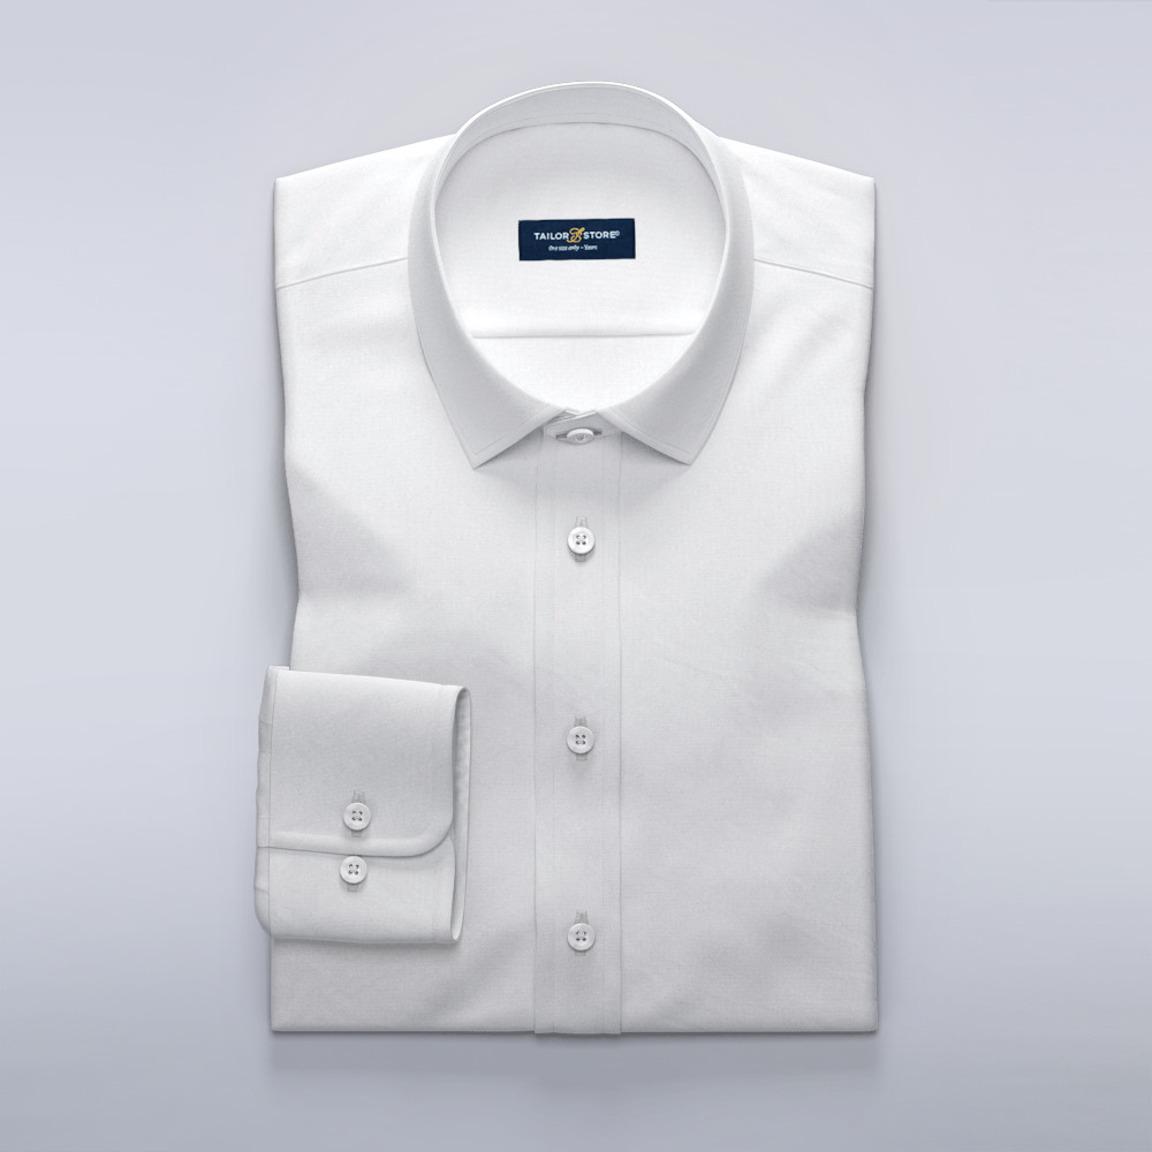 Hvid business-skjorte i Oxford-stof af høj kvalitet